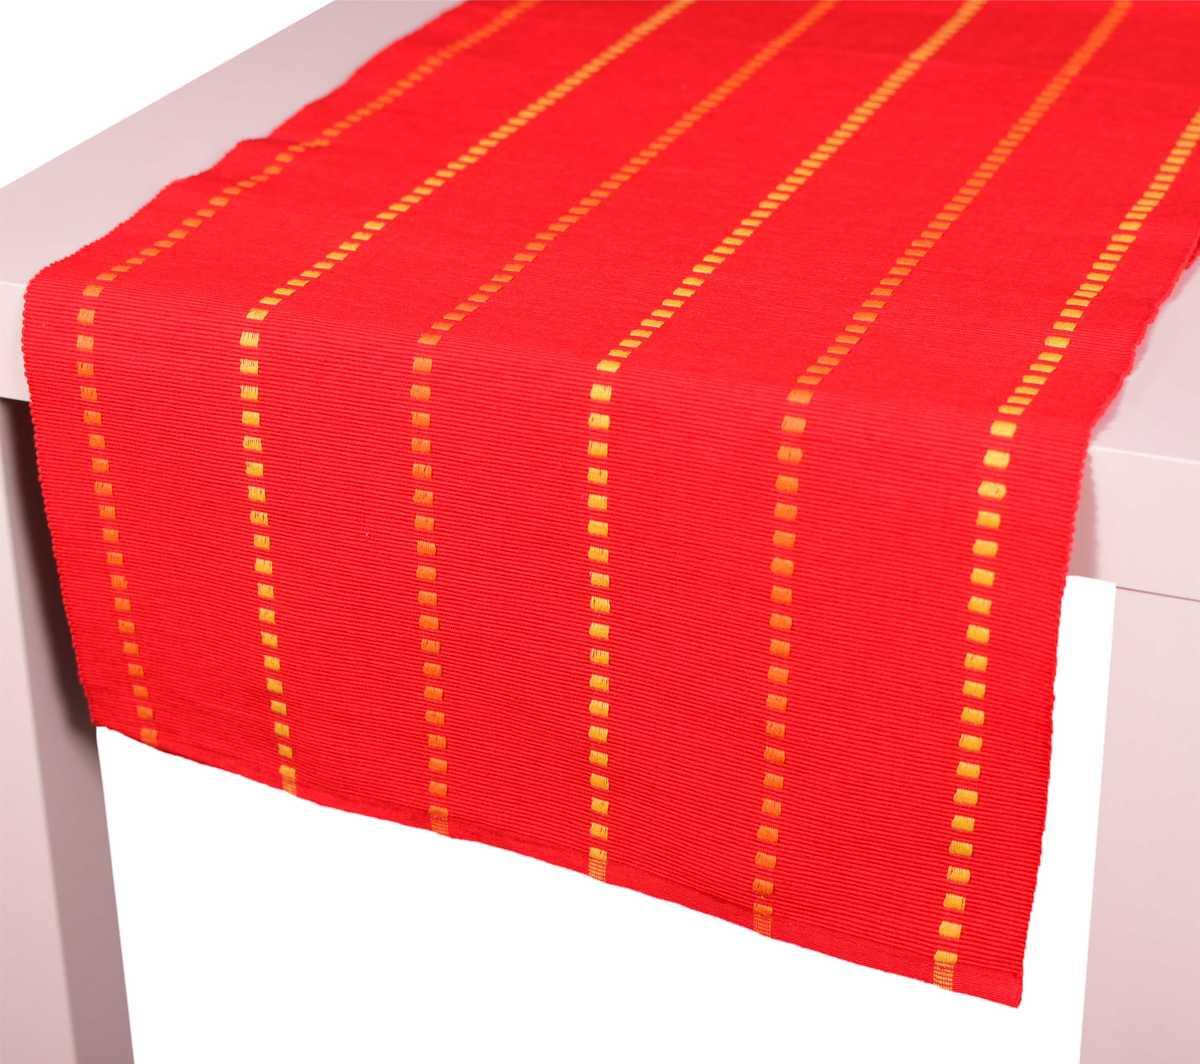 Forbyt, Dekorační prostírání, Viktoria kostičky, červené 40 x 120 cm